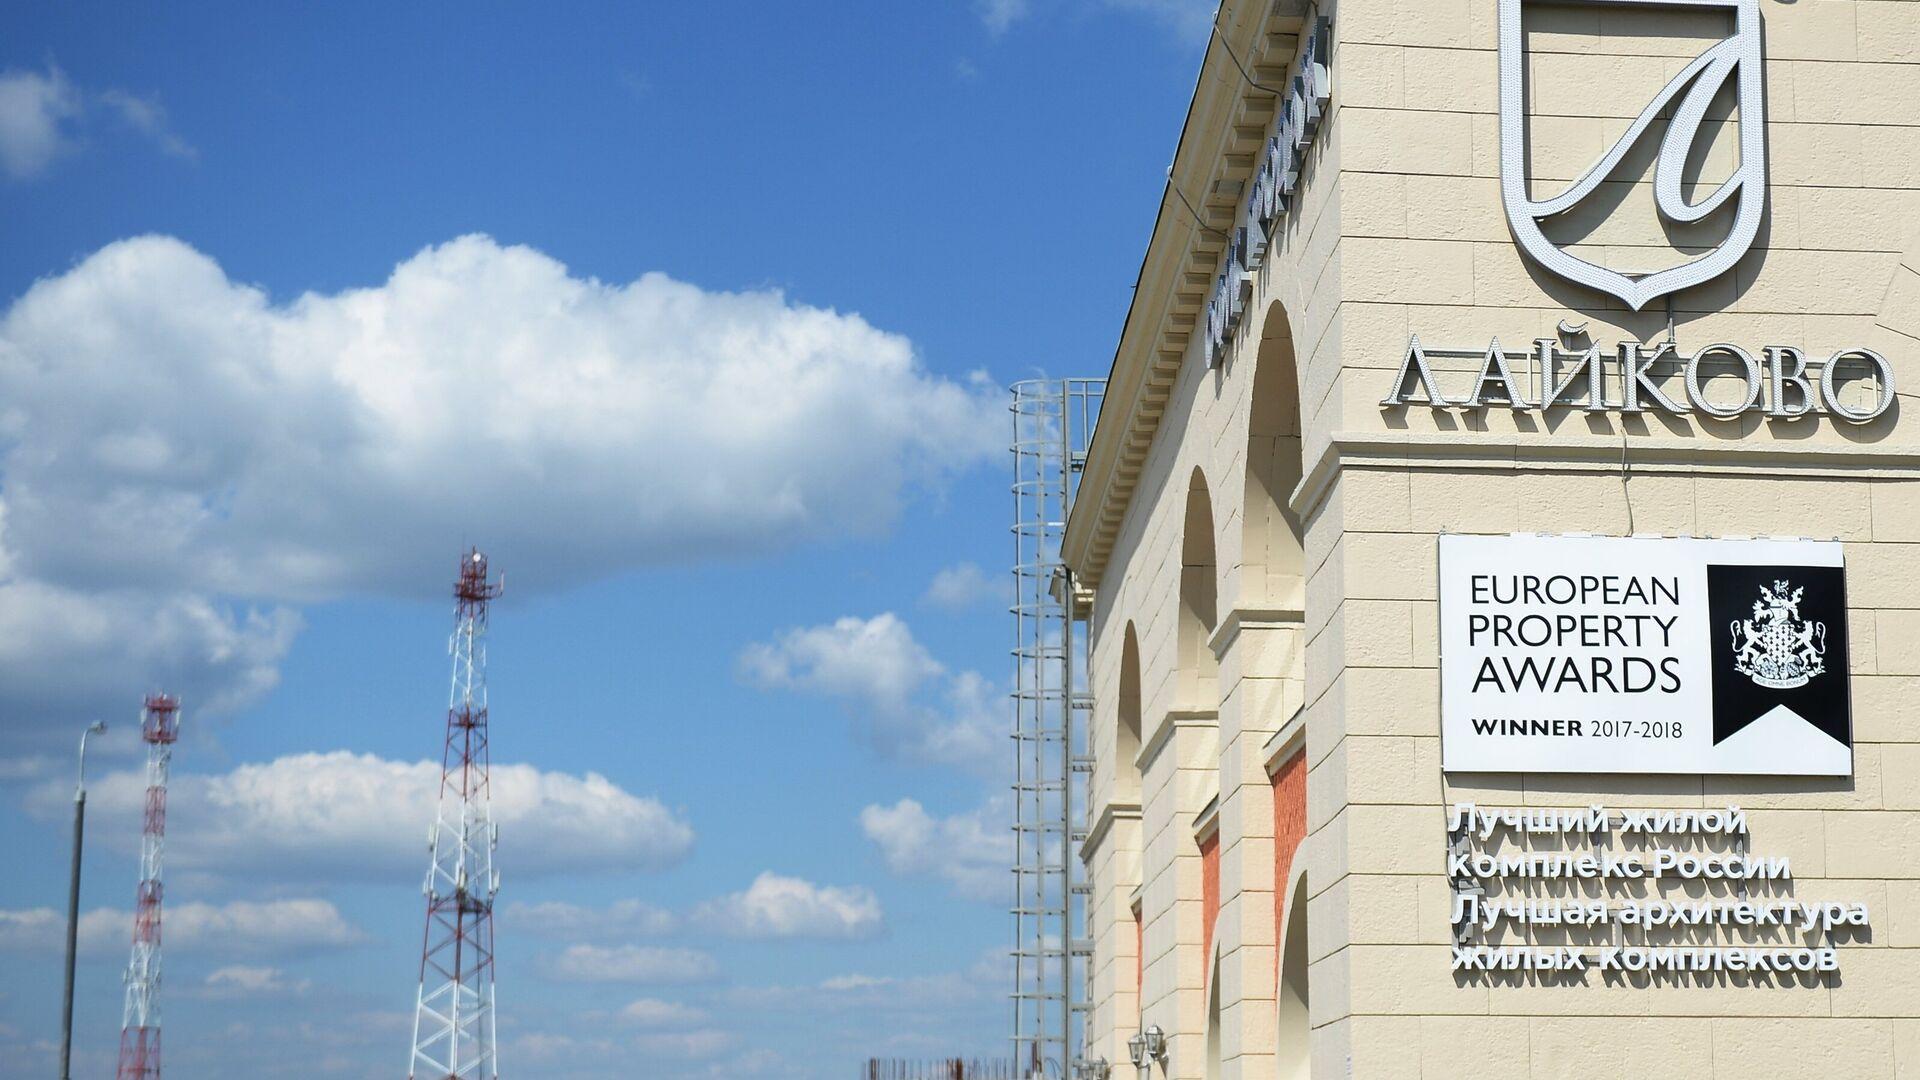 Офисное здание строящегося жилого комплекса Лайково в Московской области - РИА Новости, 1920, 30.06.2021